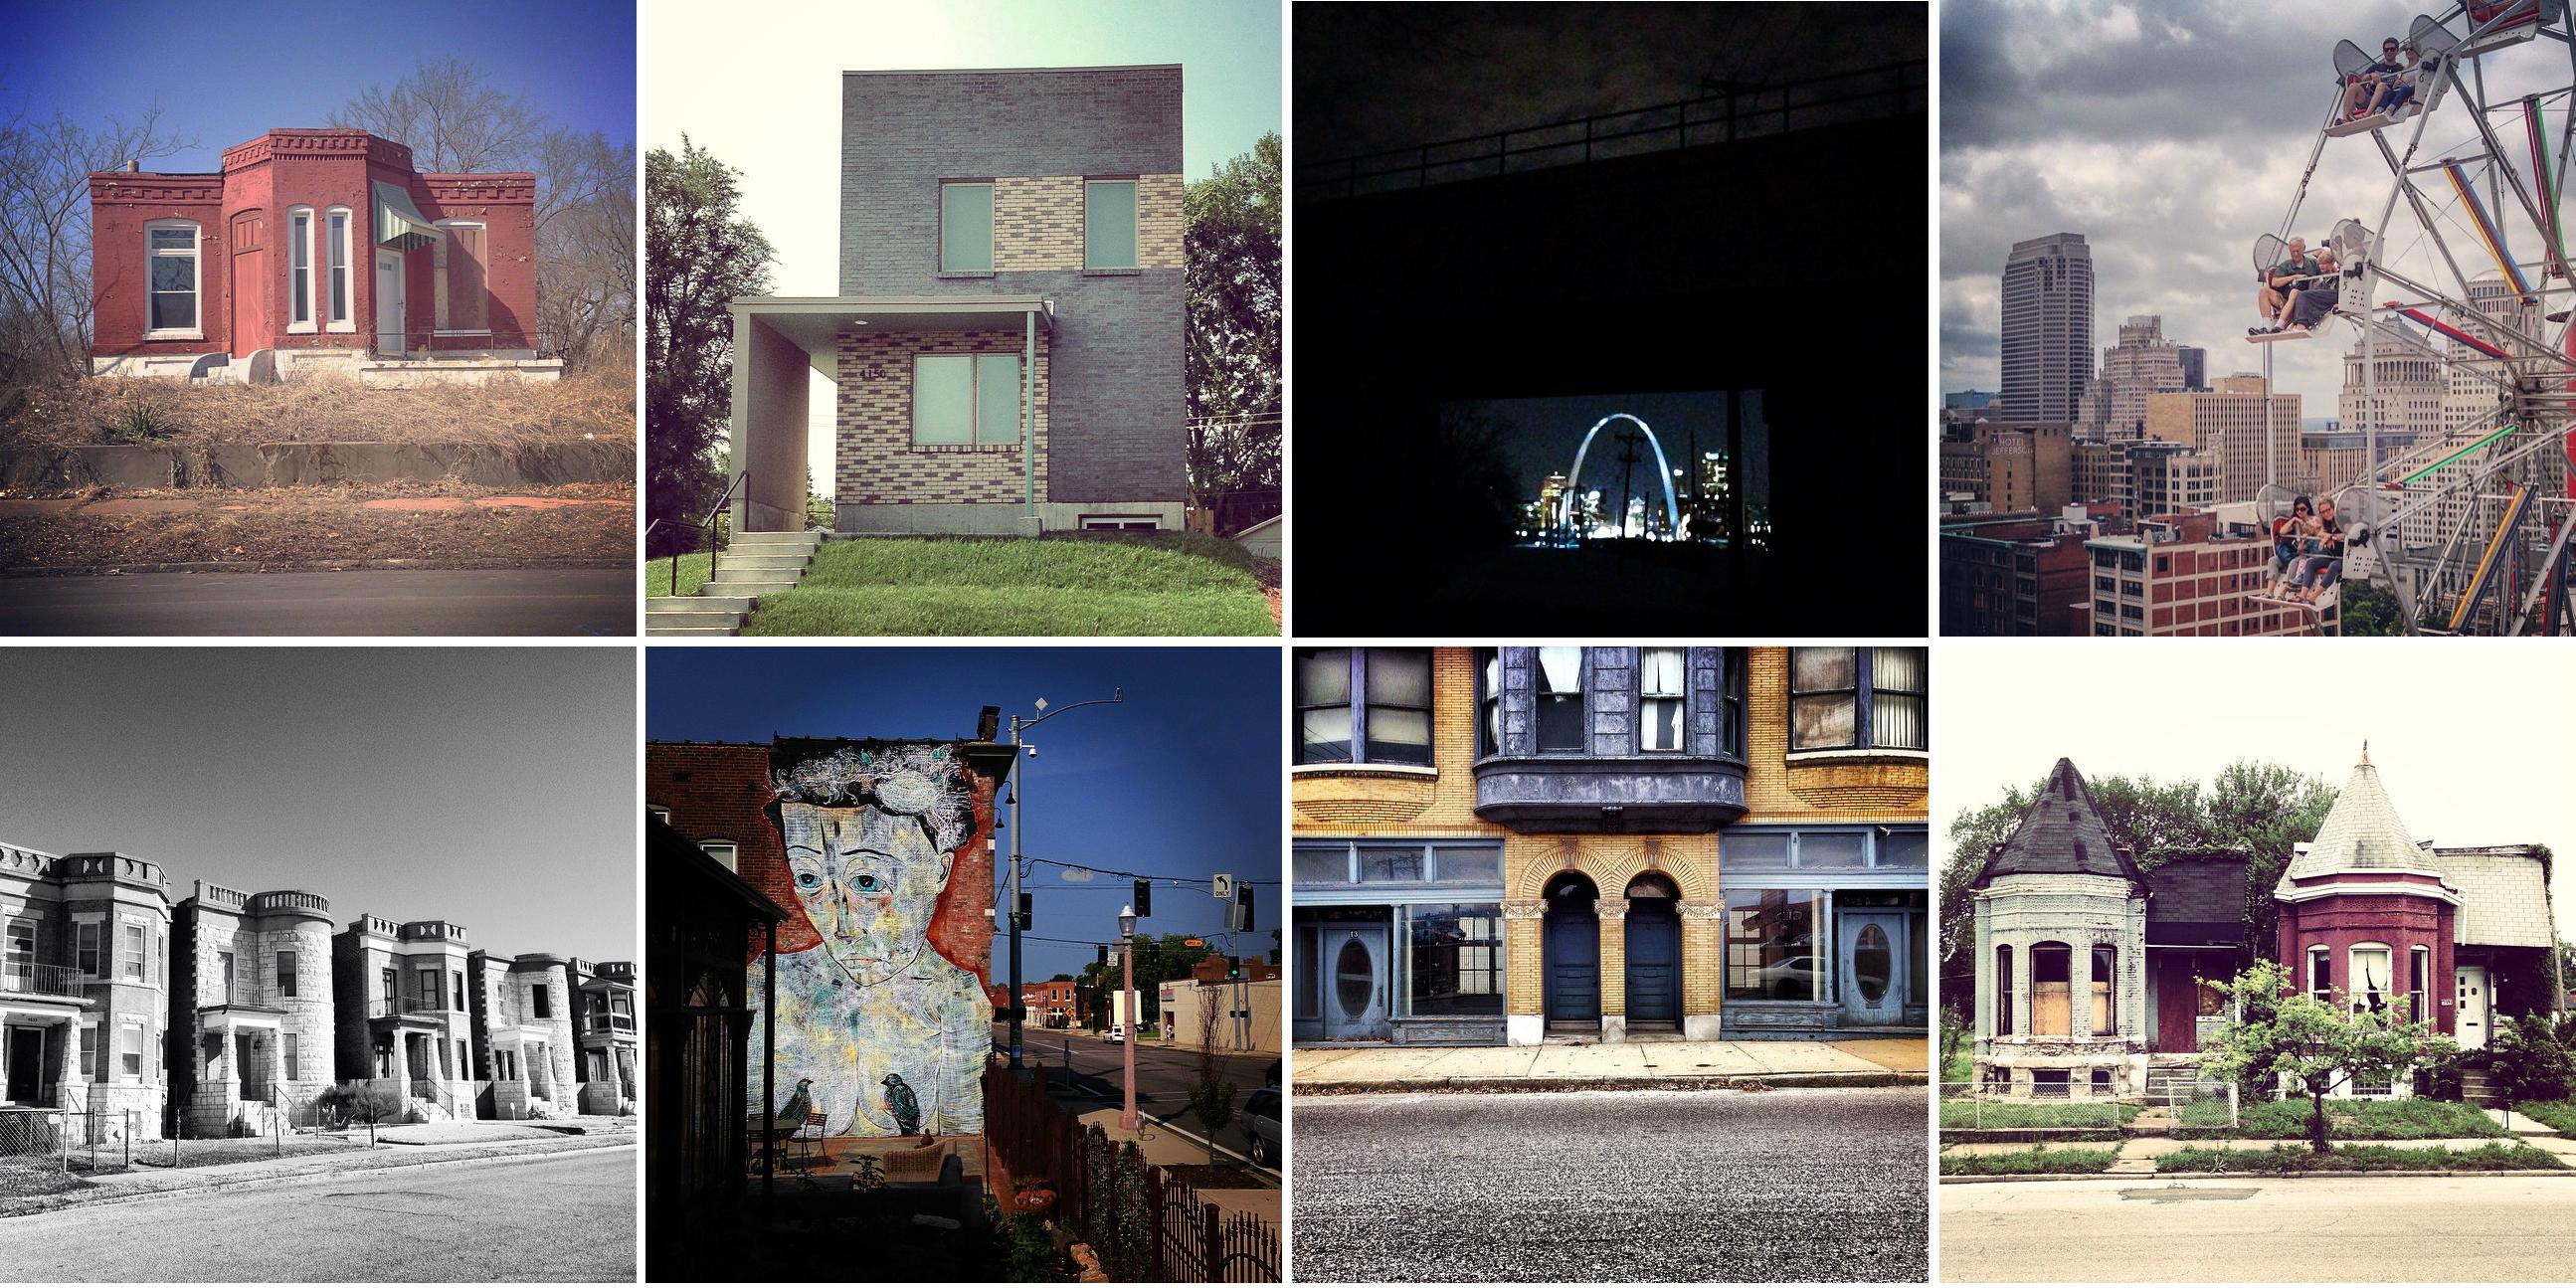 nextSTL Top 10 Instagram Images of 2014